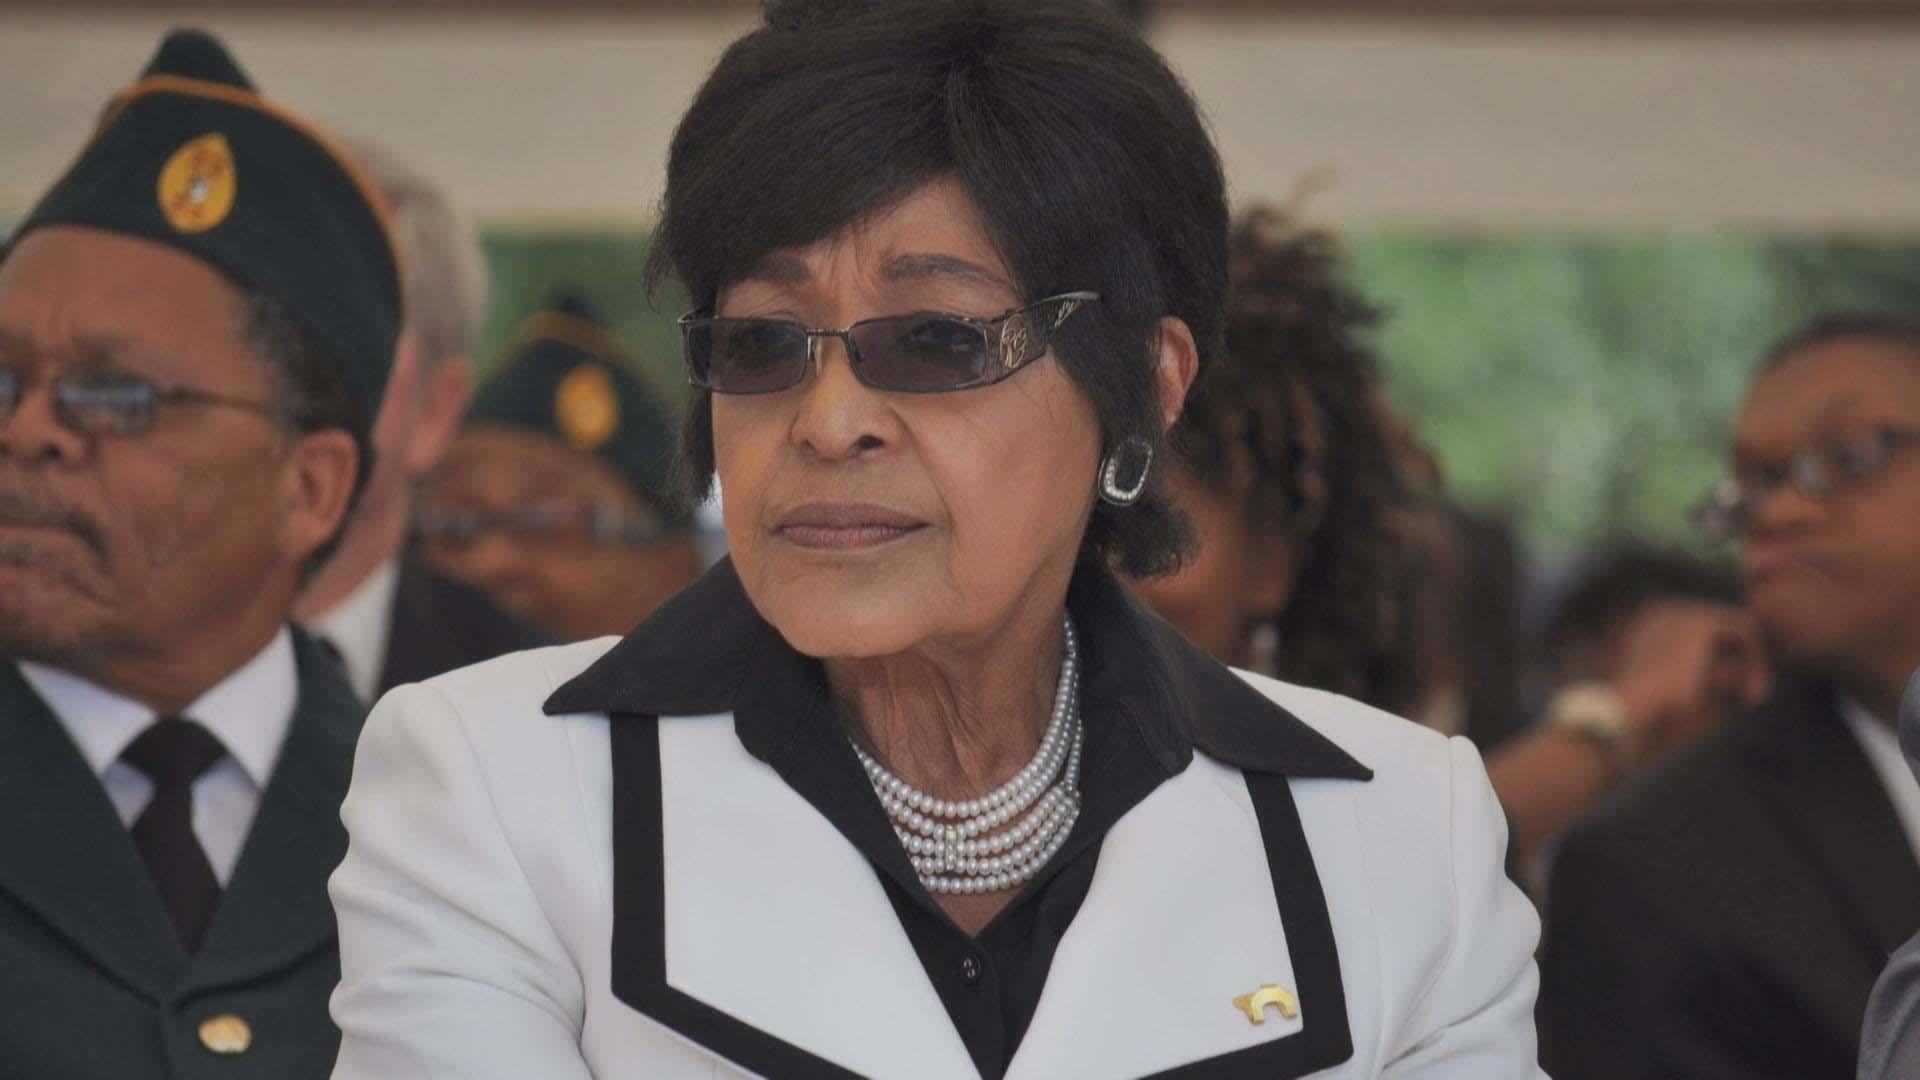 doble llave - La familia de la activista de 81 años indicó que murió en el hospital Milpark en Johannesburgo